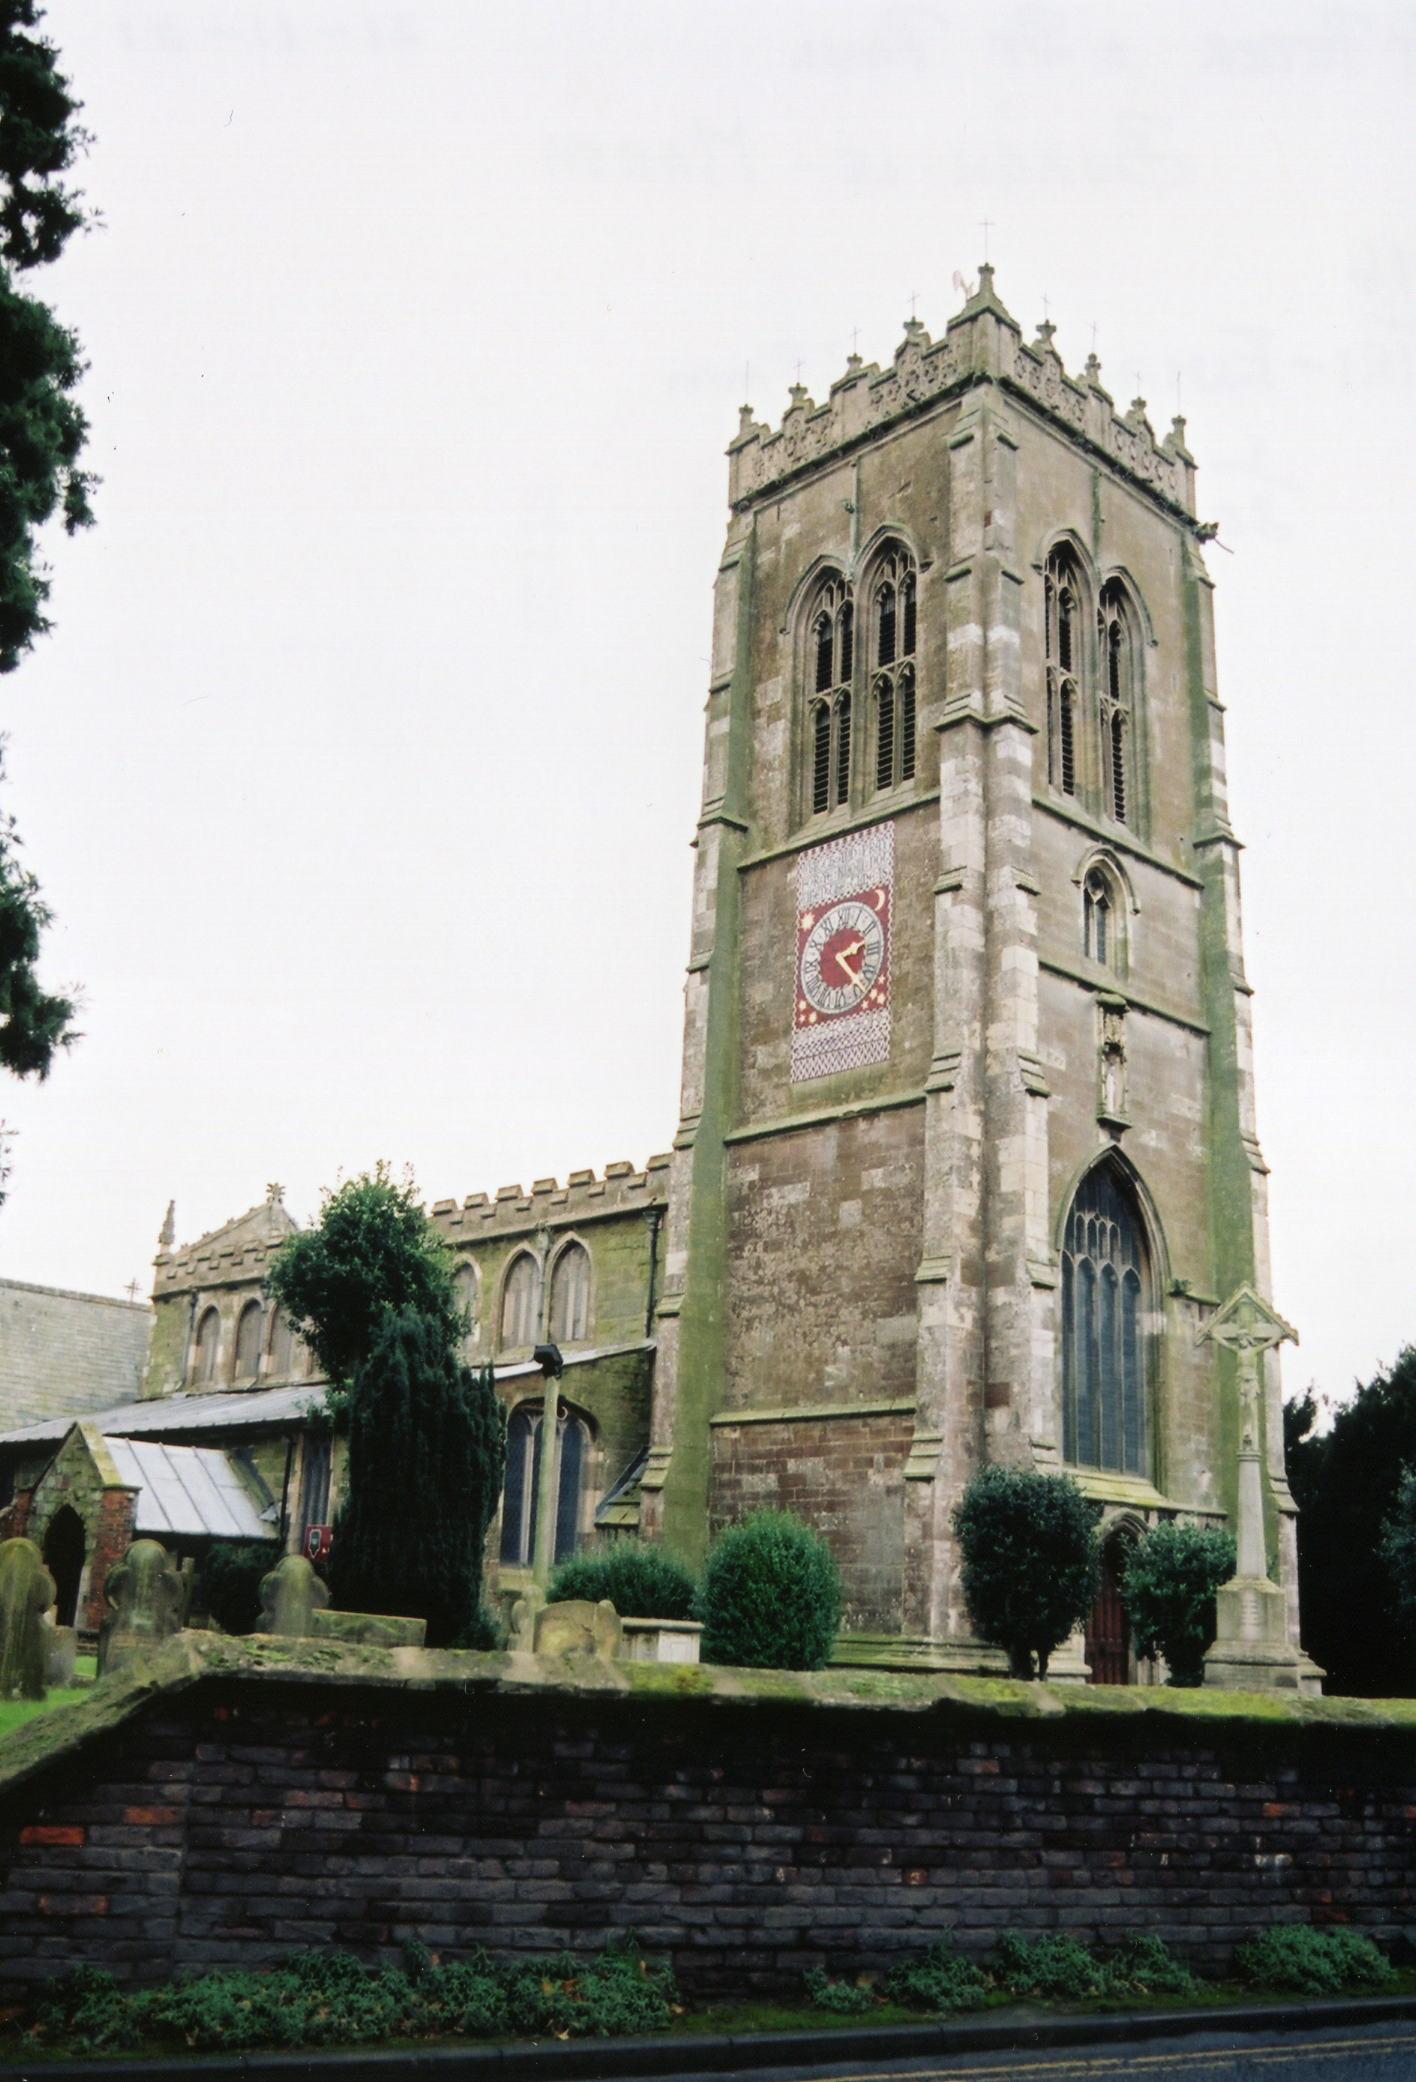 Burgh le Marsh Church